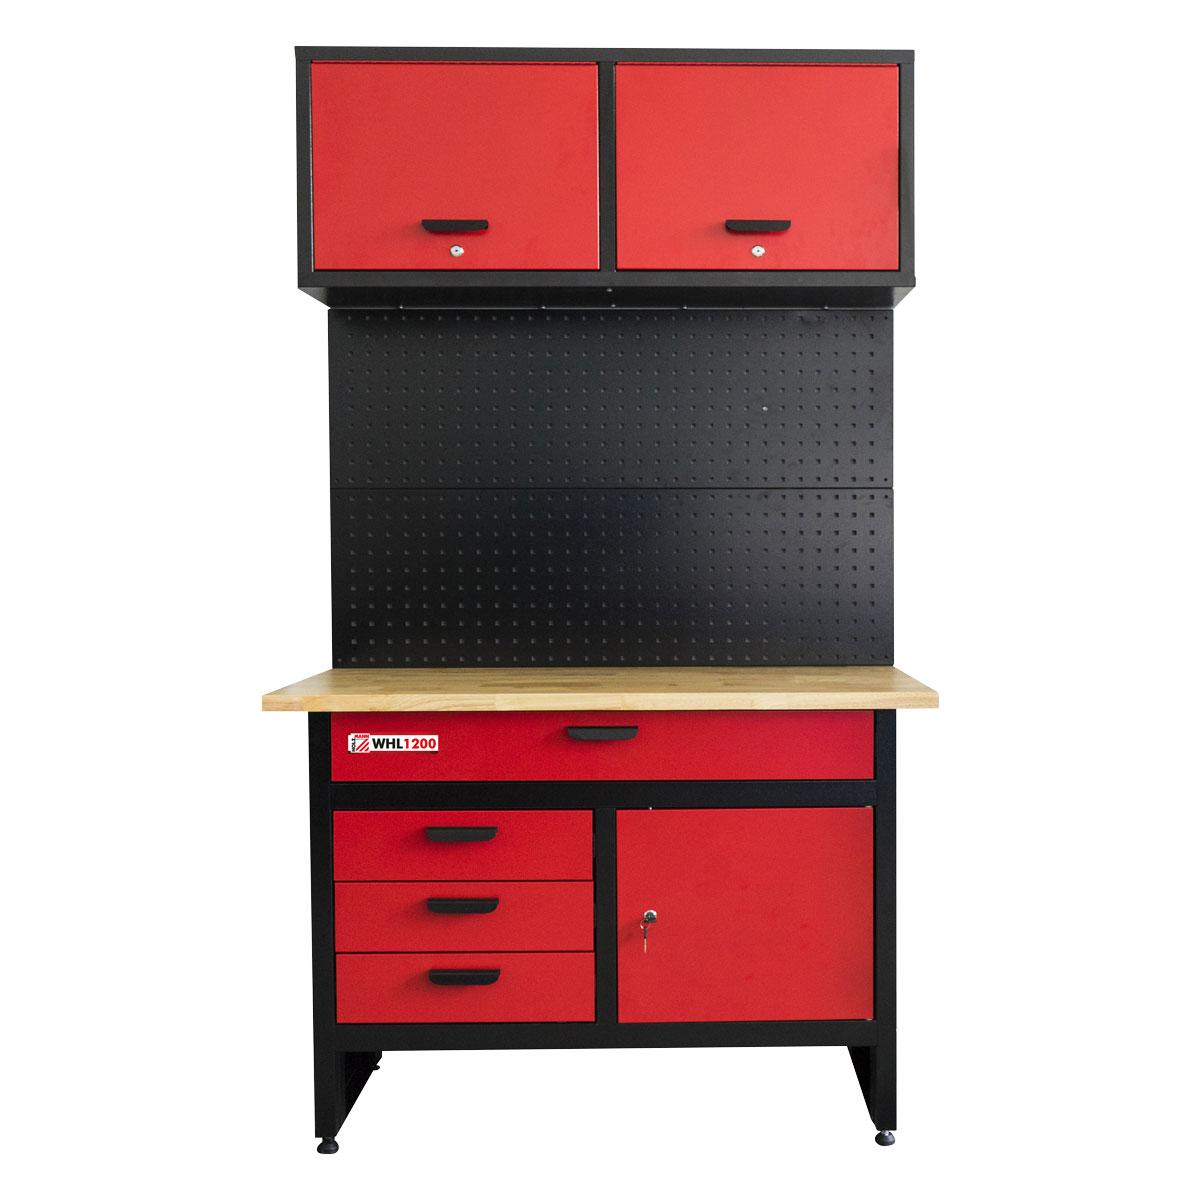 Dílenský pracovní stůl Holzmann WHL1200-1